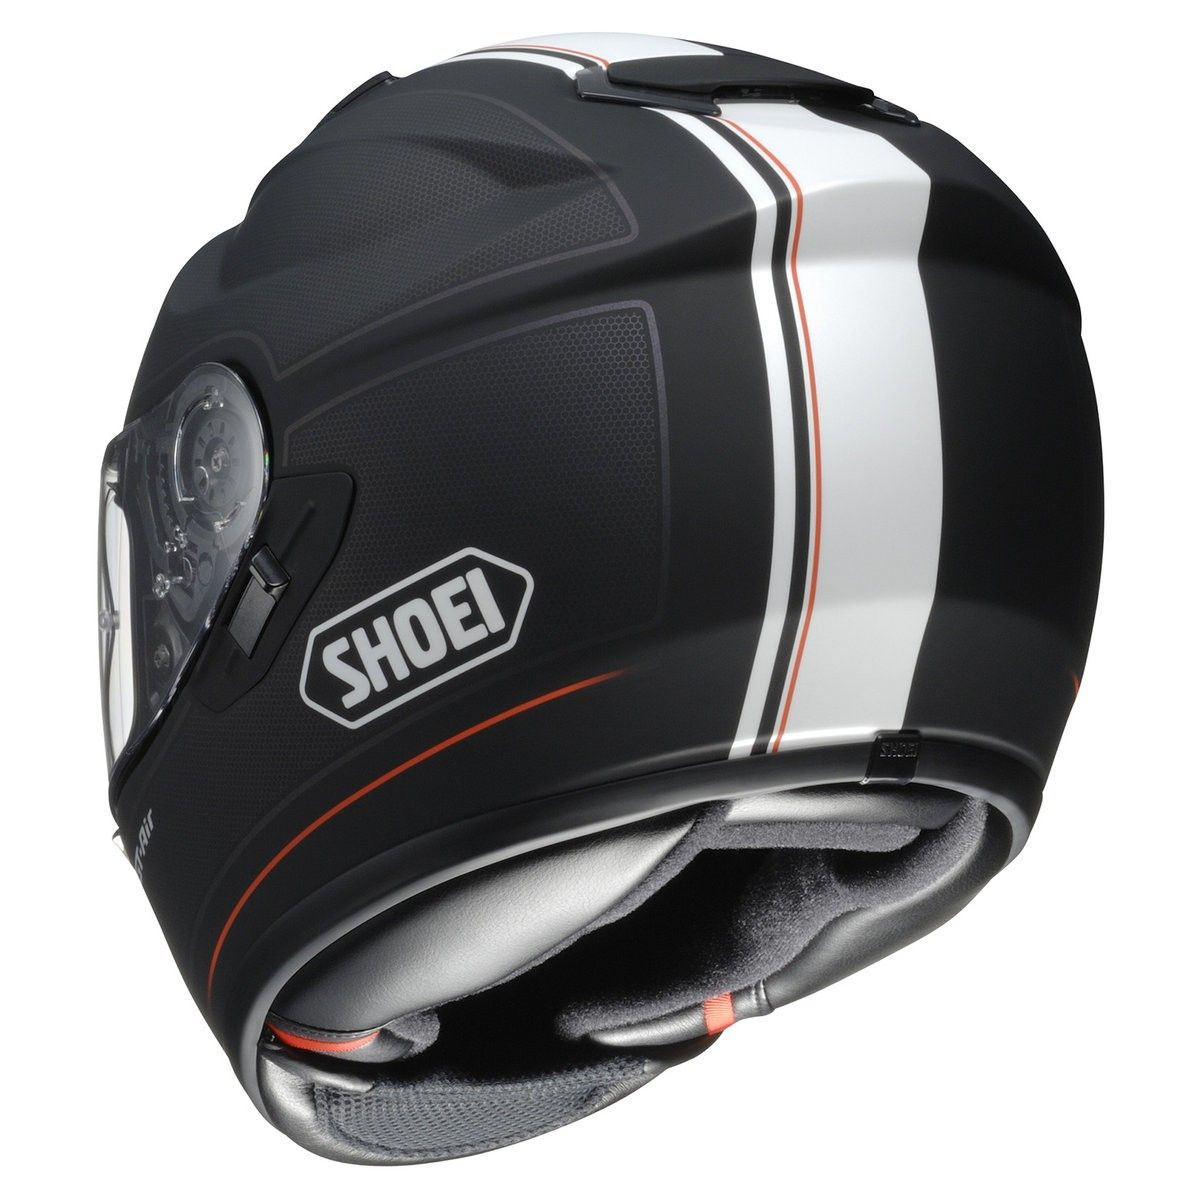 Shoei GTAir Wanderer Helmet CA 623.19 For mi Gusta